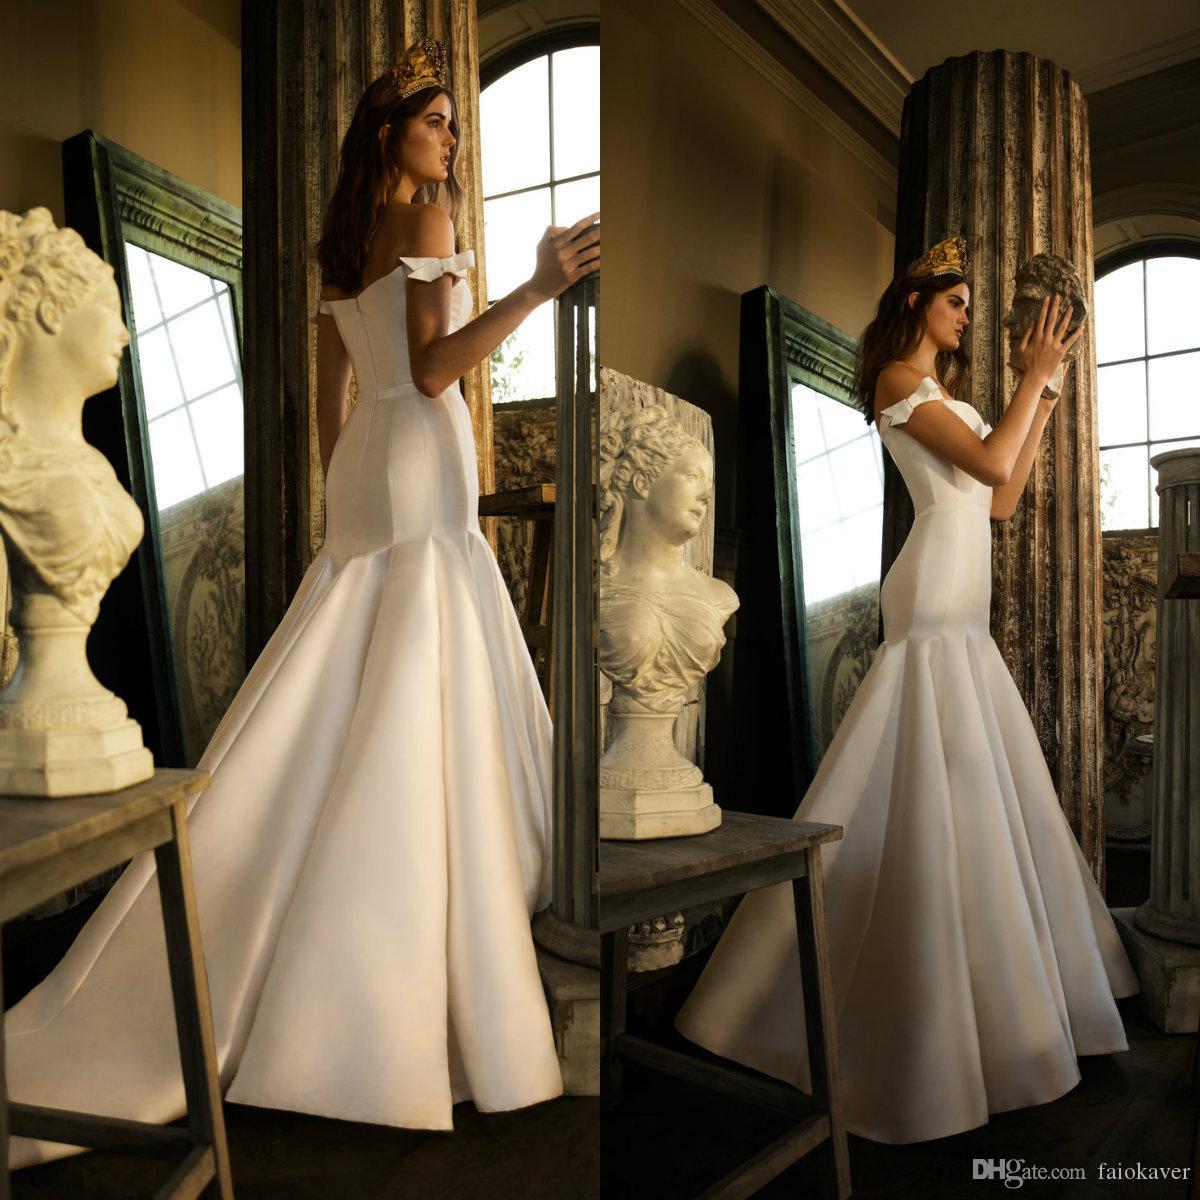 2019 атласная русалка свадебные платья с плеча разведка поезда лук элегантный пляж свадебное платье ruffles плюс размер boho bridal платья